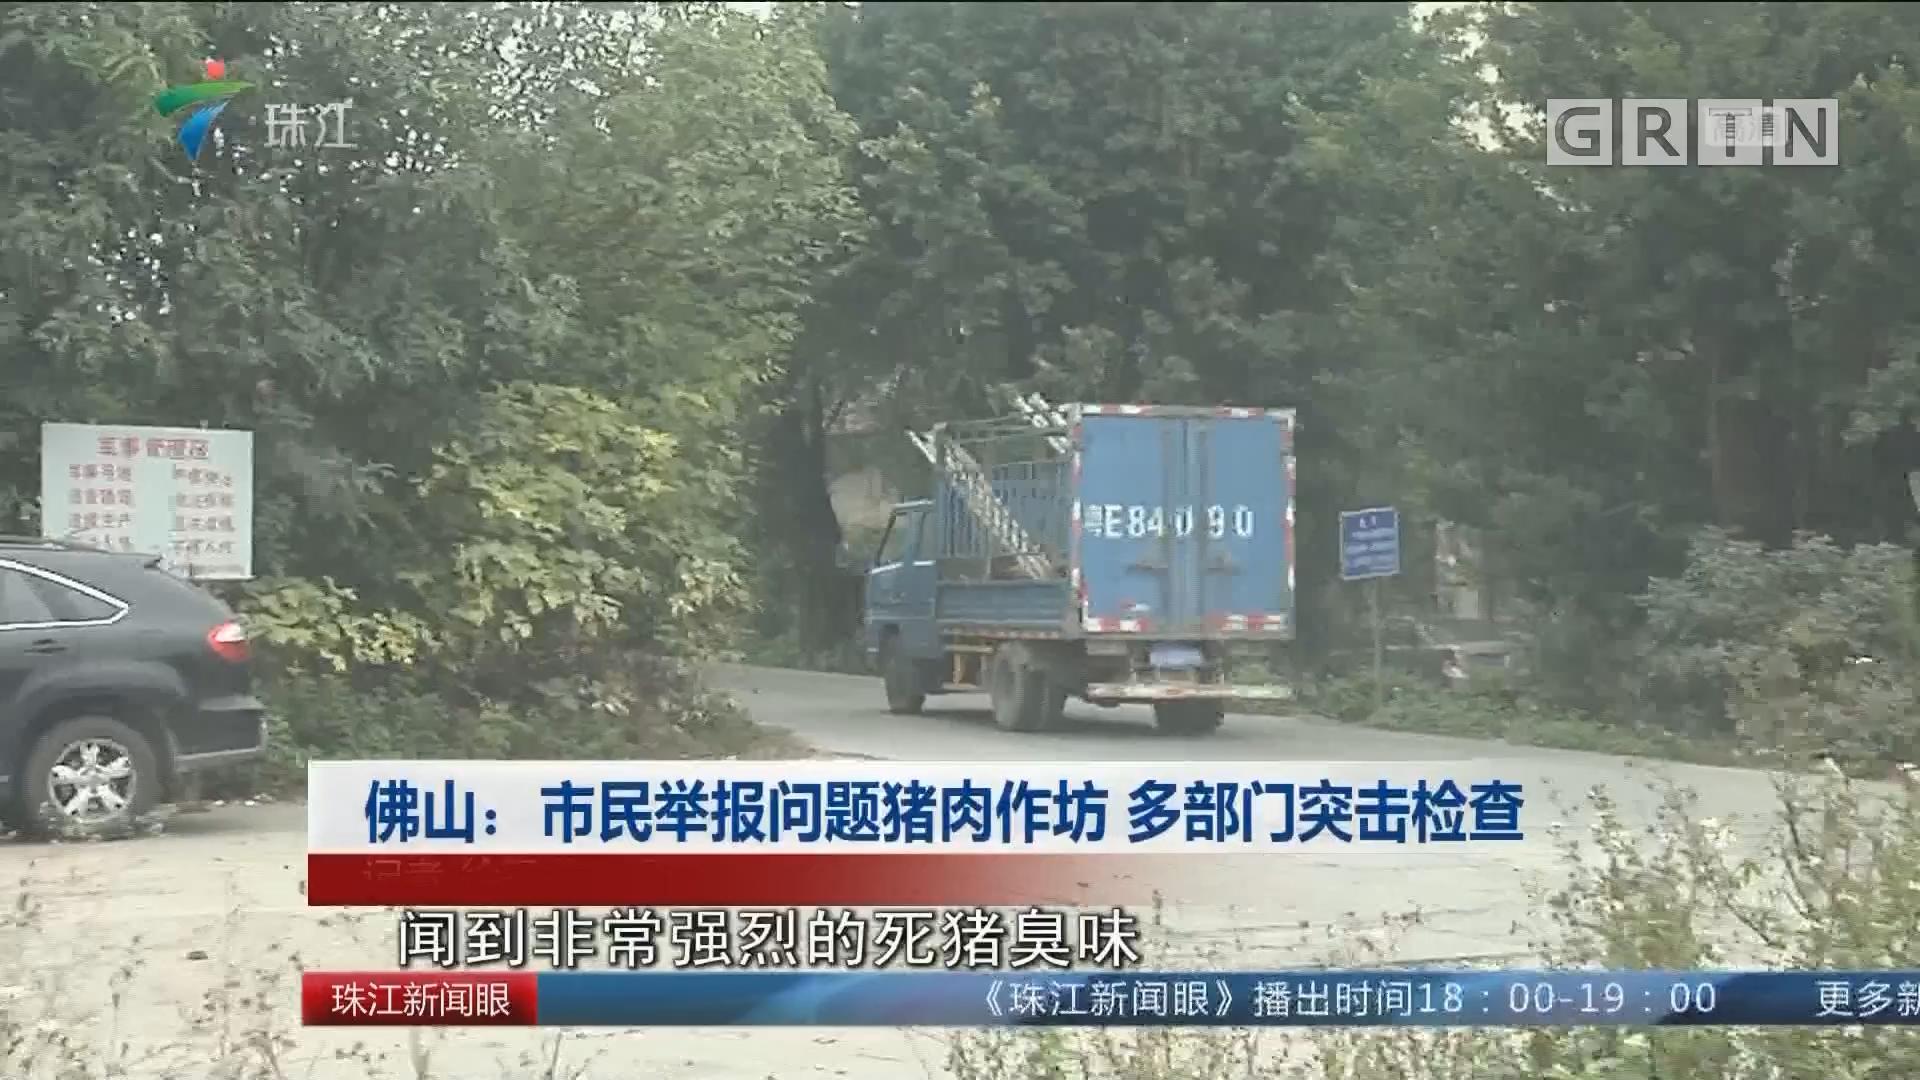 佛山:市民举报问题猪肉作坊 多部门突击检查